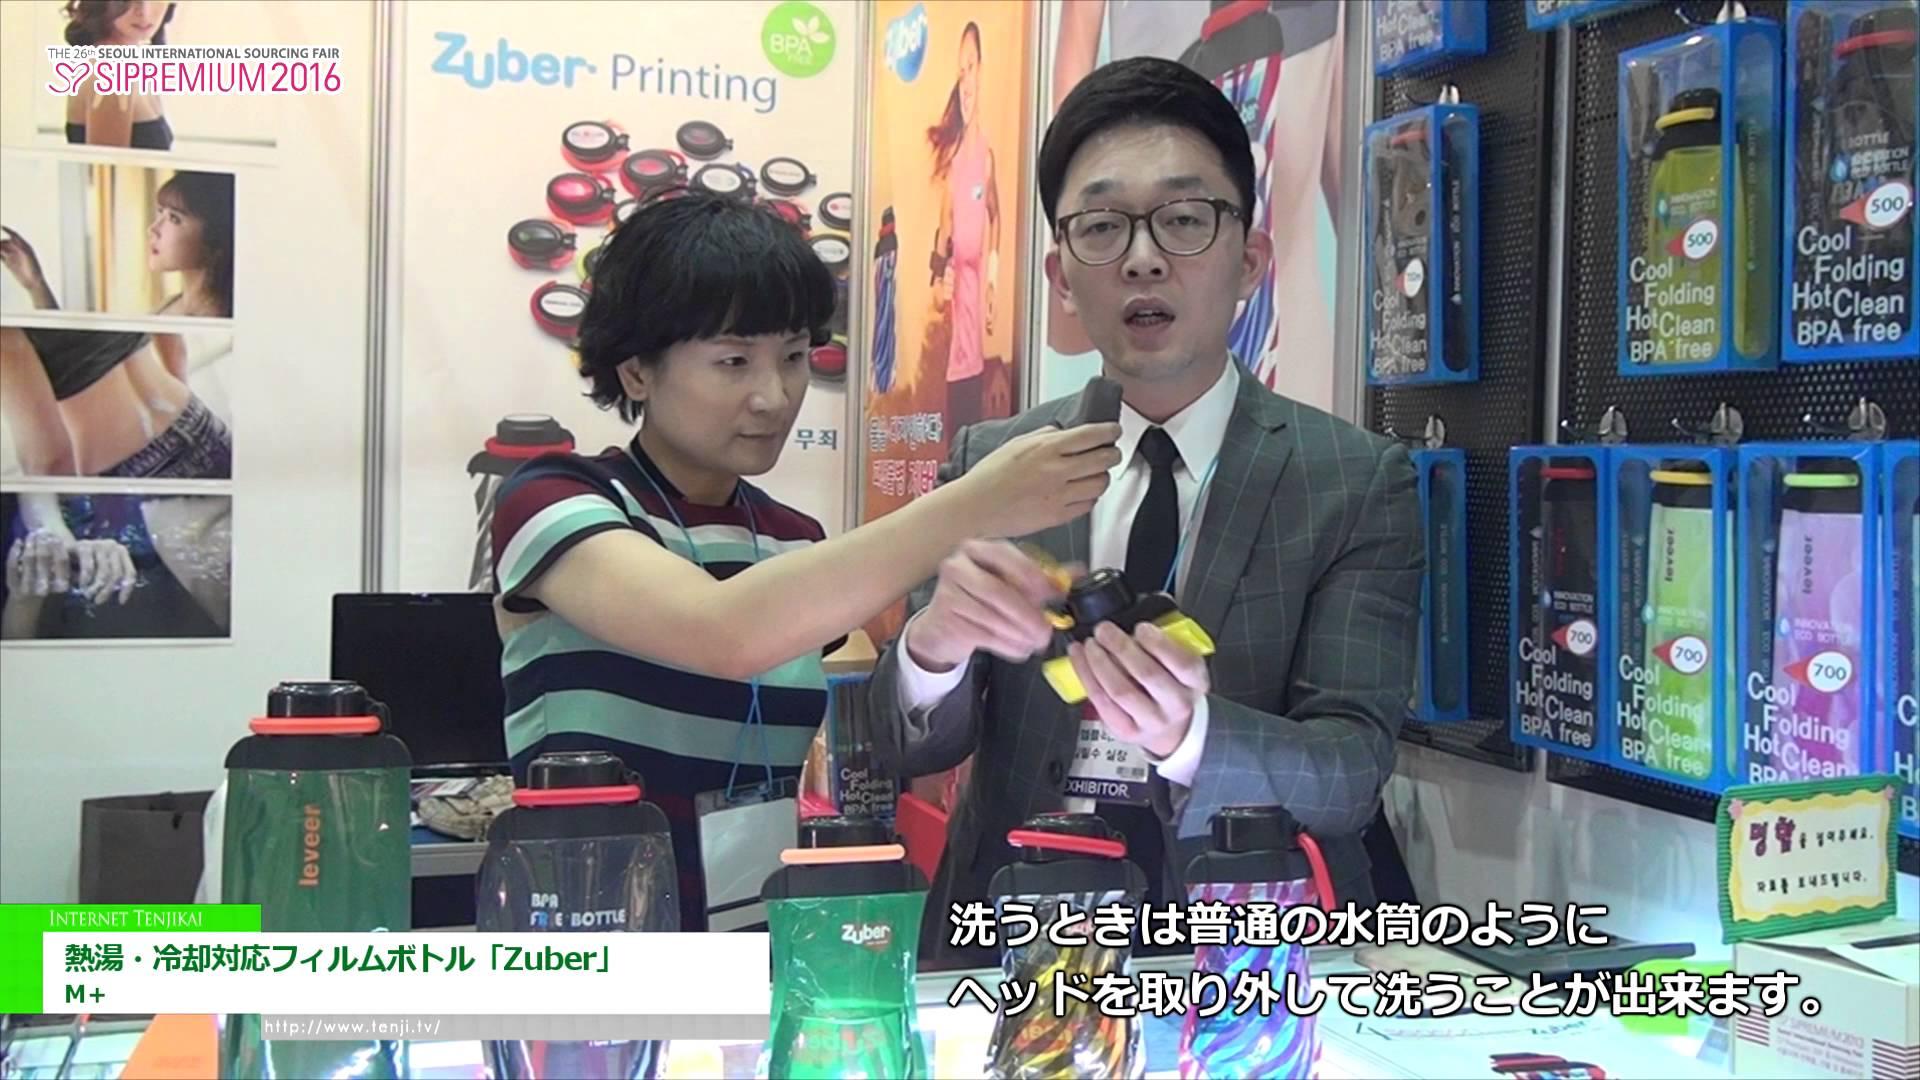 [SIPREMIUM 2016] 熱湯・冷却対応フィルムボトル「Zuber」 – M+